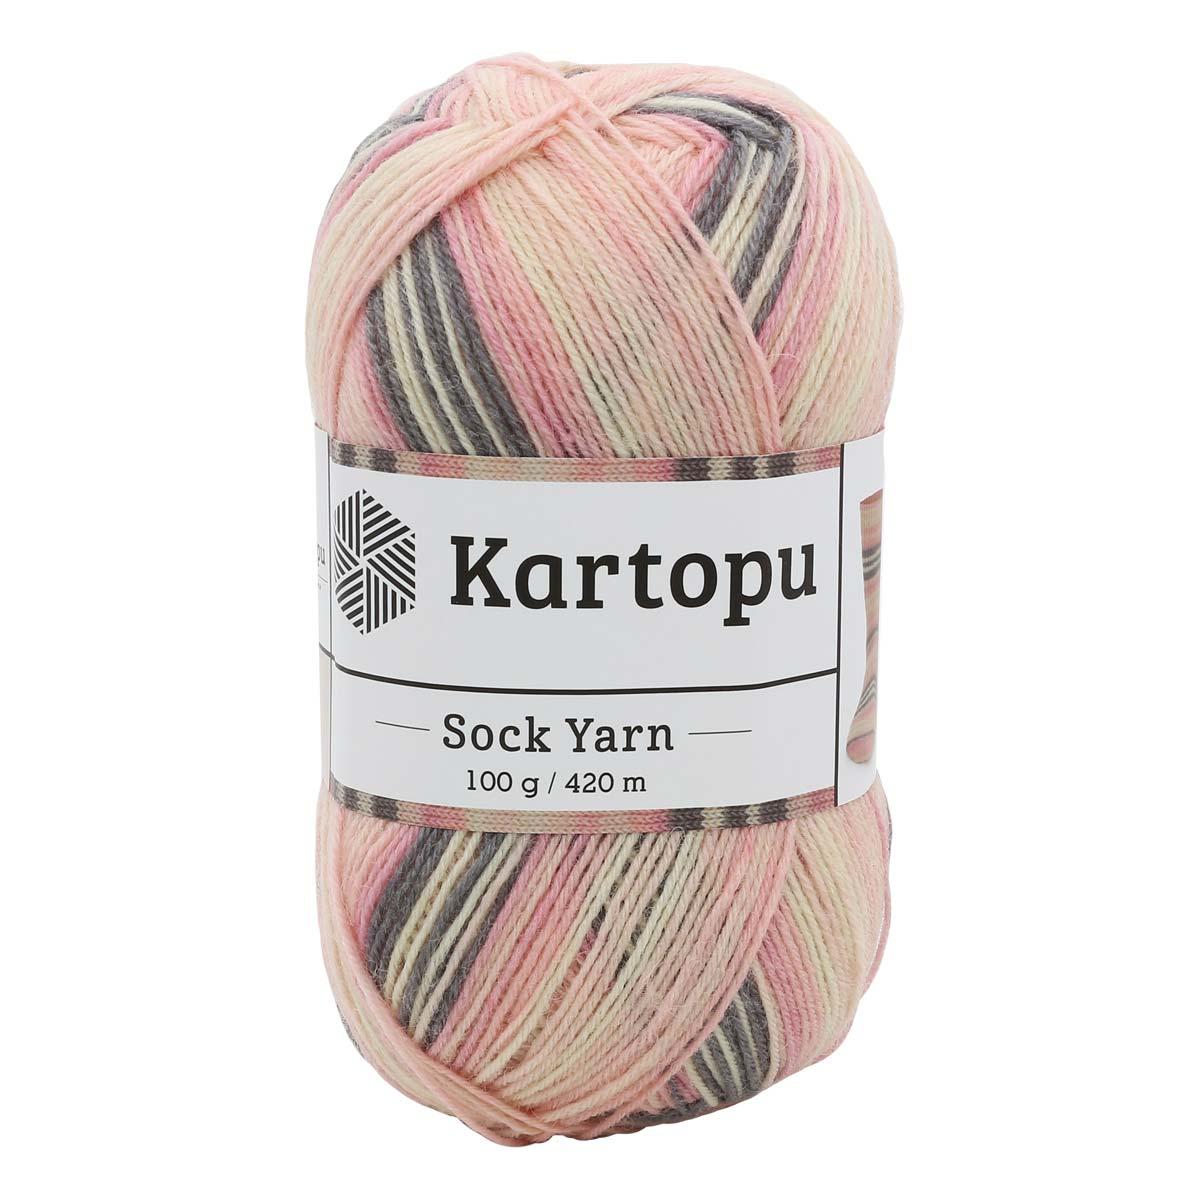 Пряжа носочная KARTOPU 'SOCK YARN' 100г 420м (75% SW шерсть, 25% полиамид)